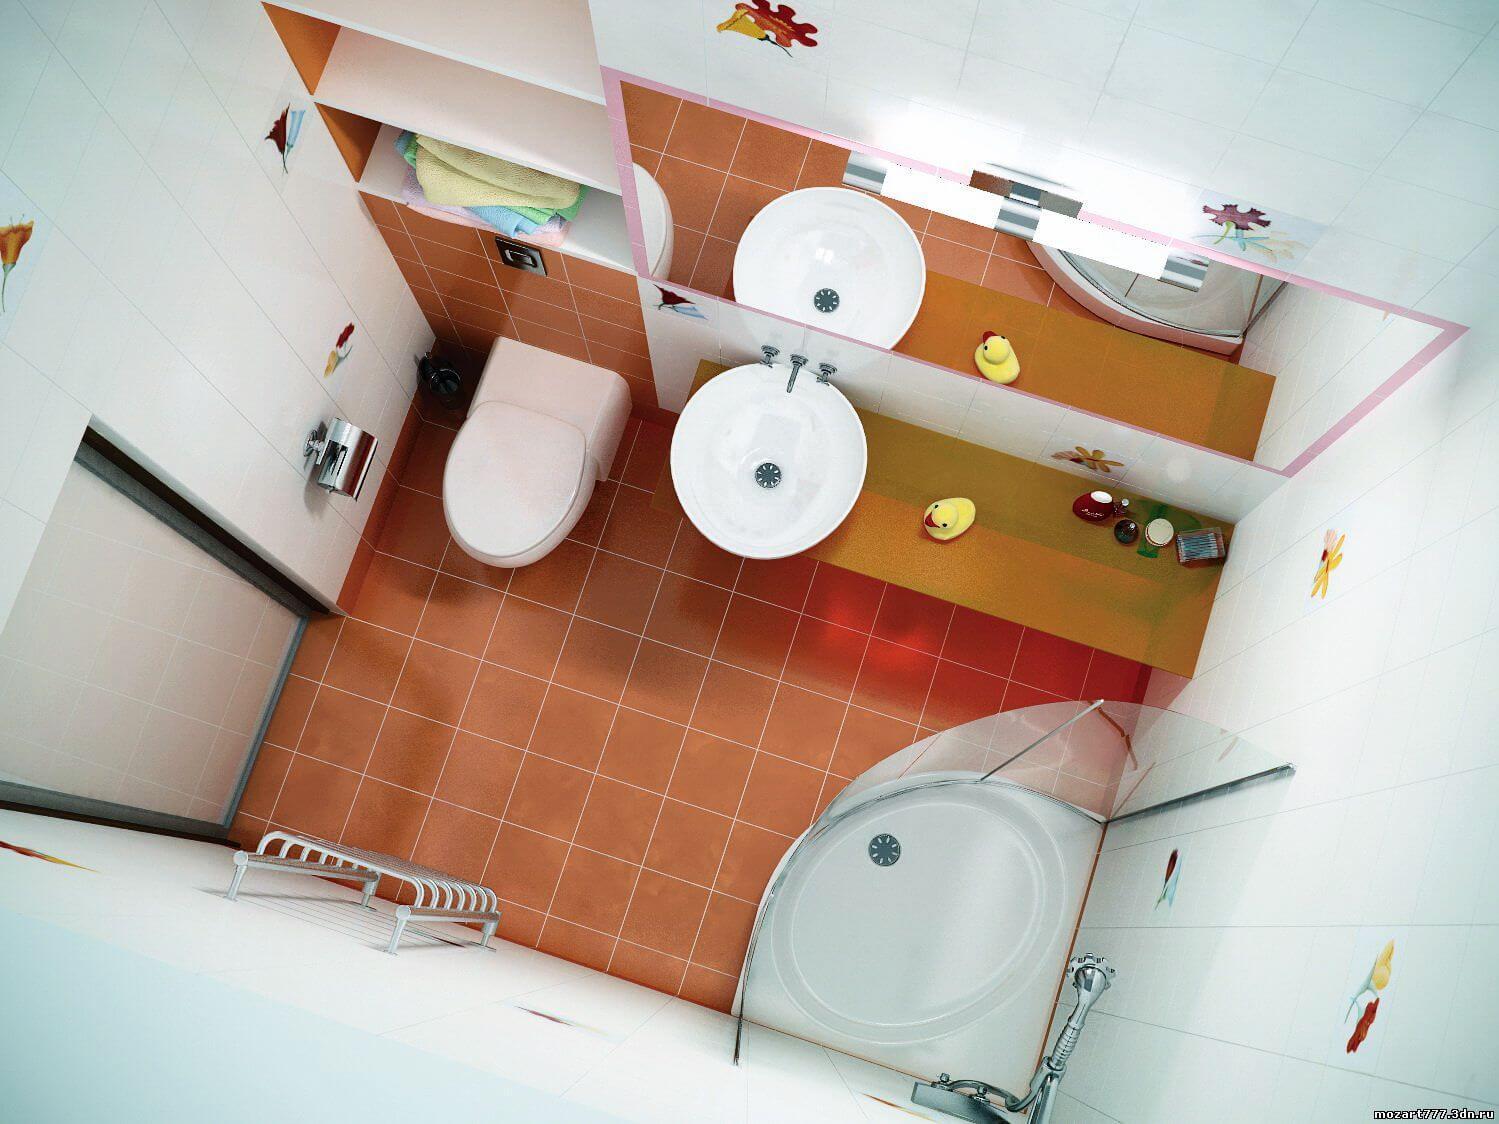 Дизайн маленькой ванной комнаты - лучшие идеи интерьера + фото